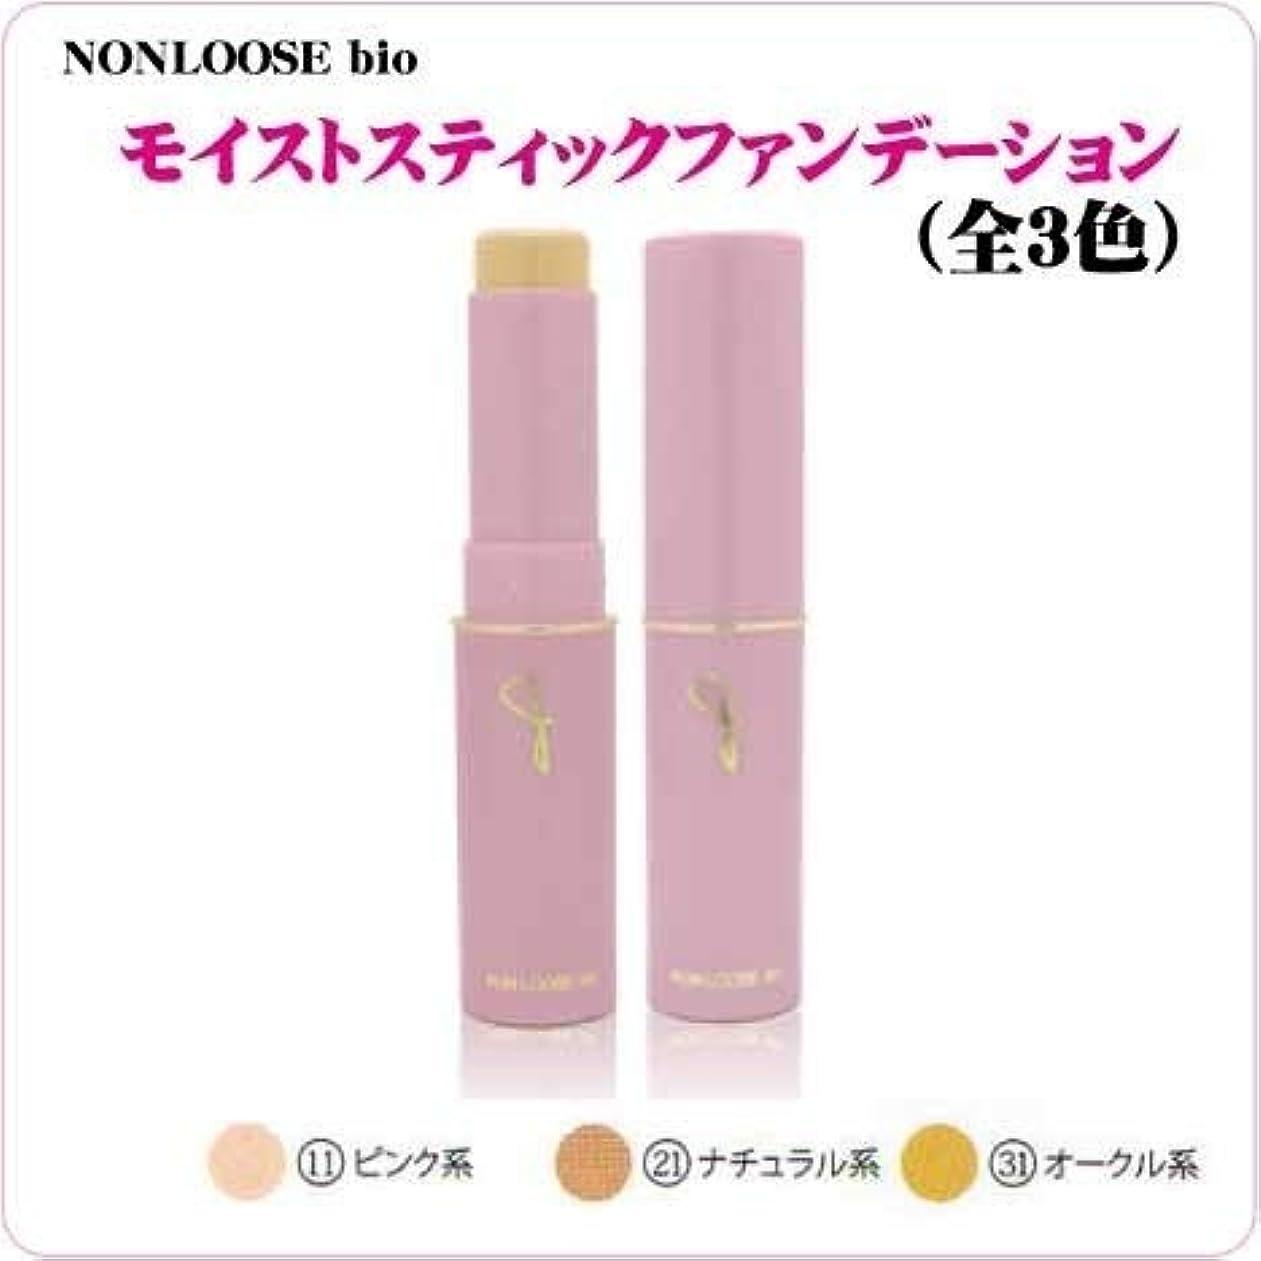 適性終了しました誓いベルマン化粧品 ノンルースビオ モイストスティックUV 全3色 (NO.21 ナチュラル系)